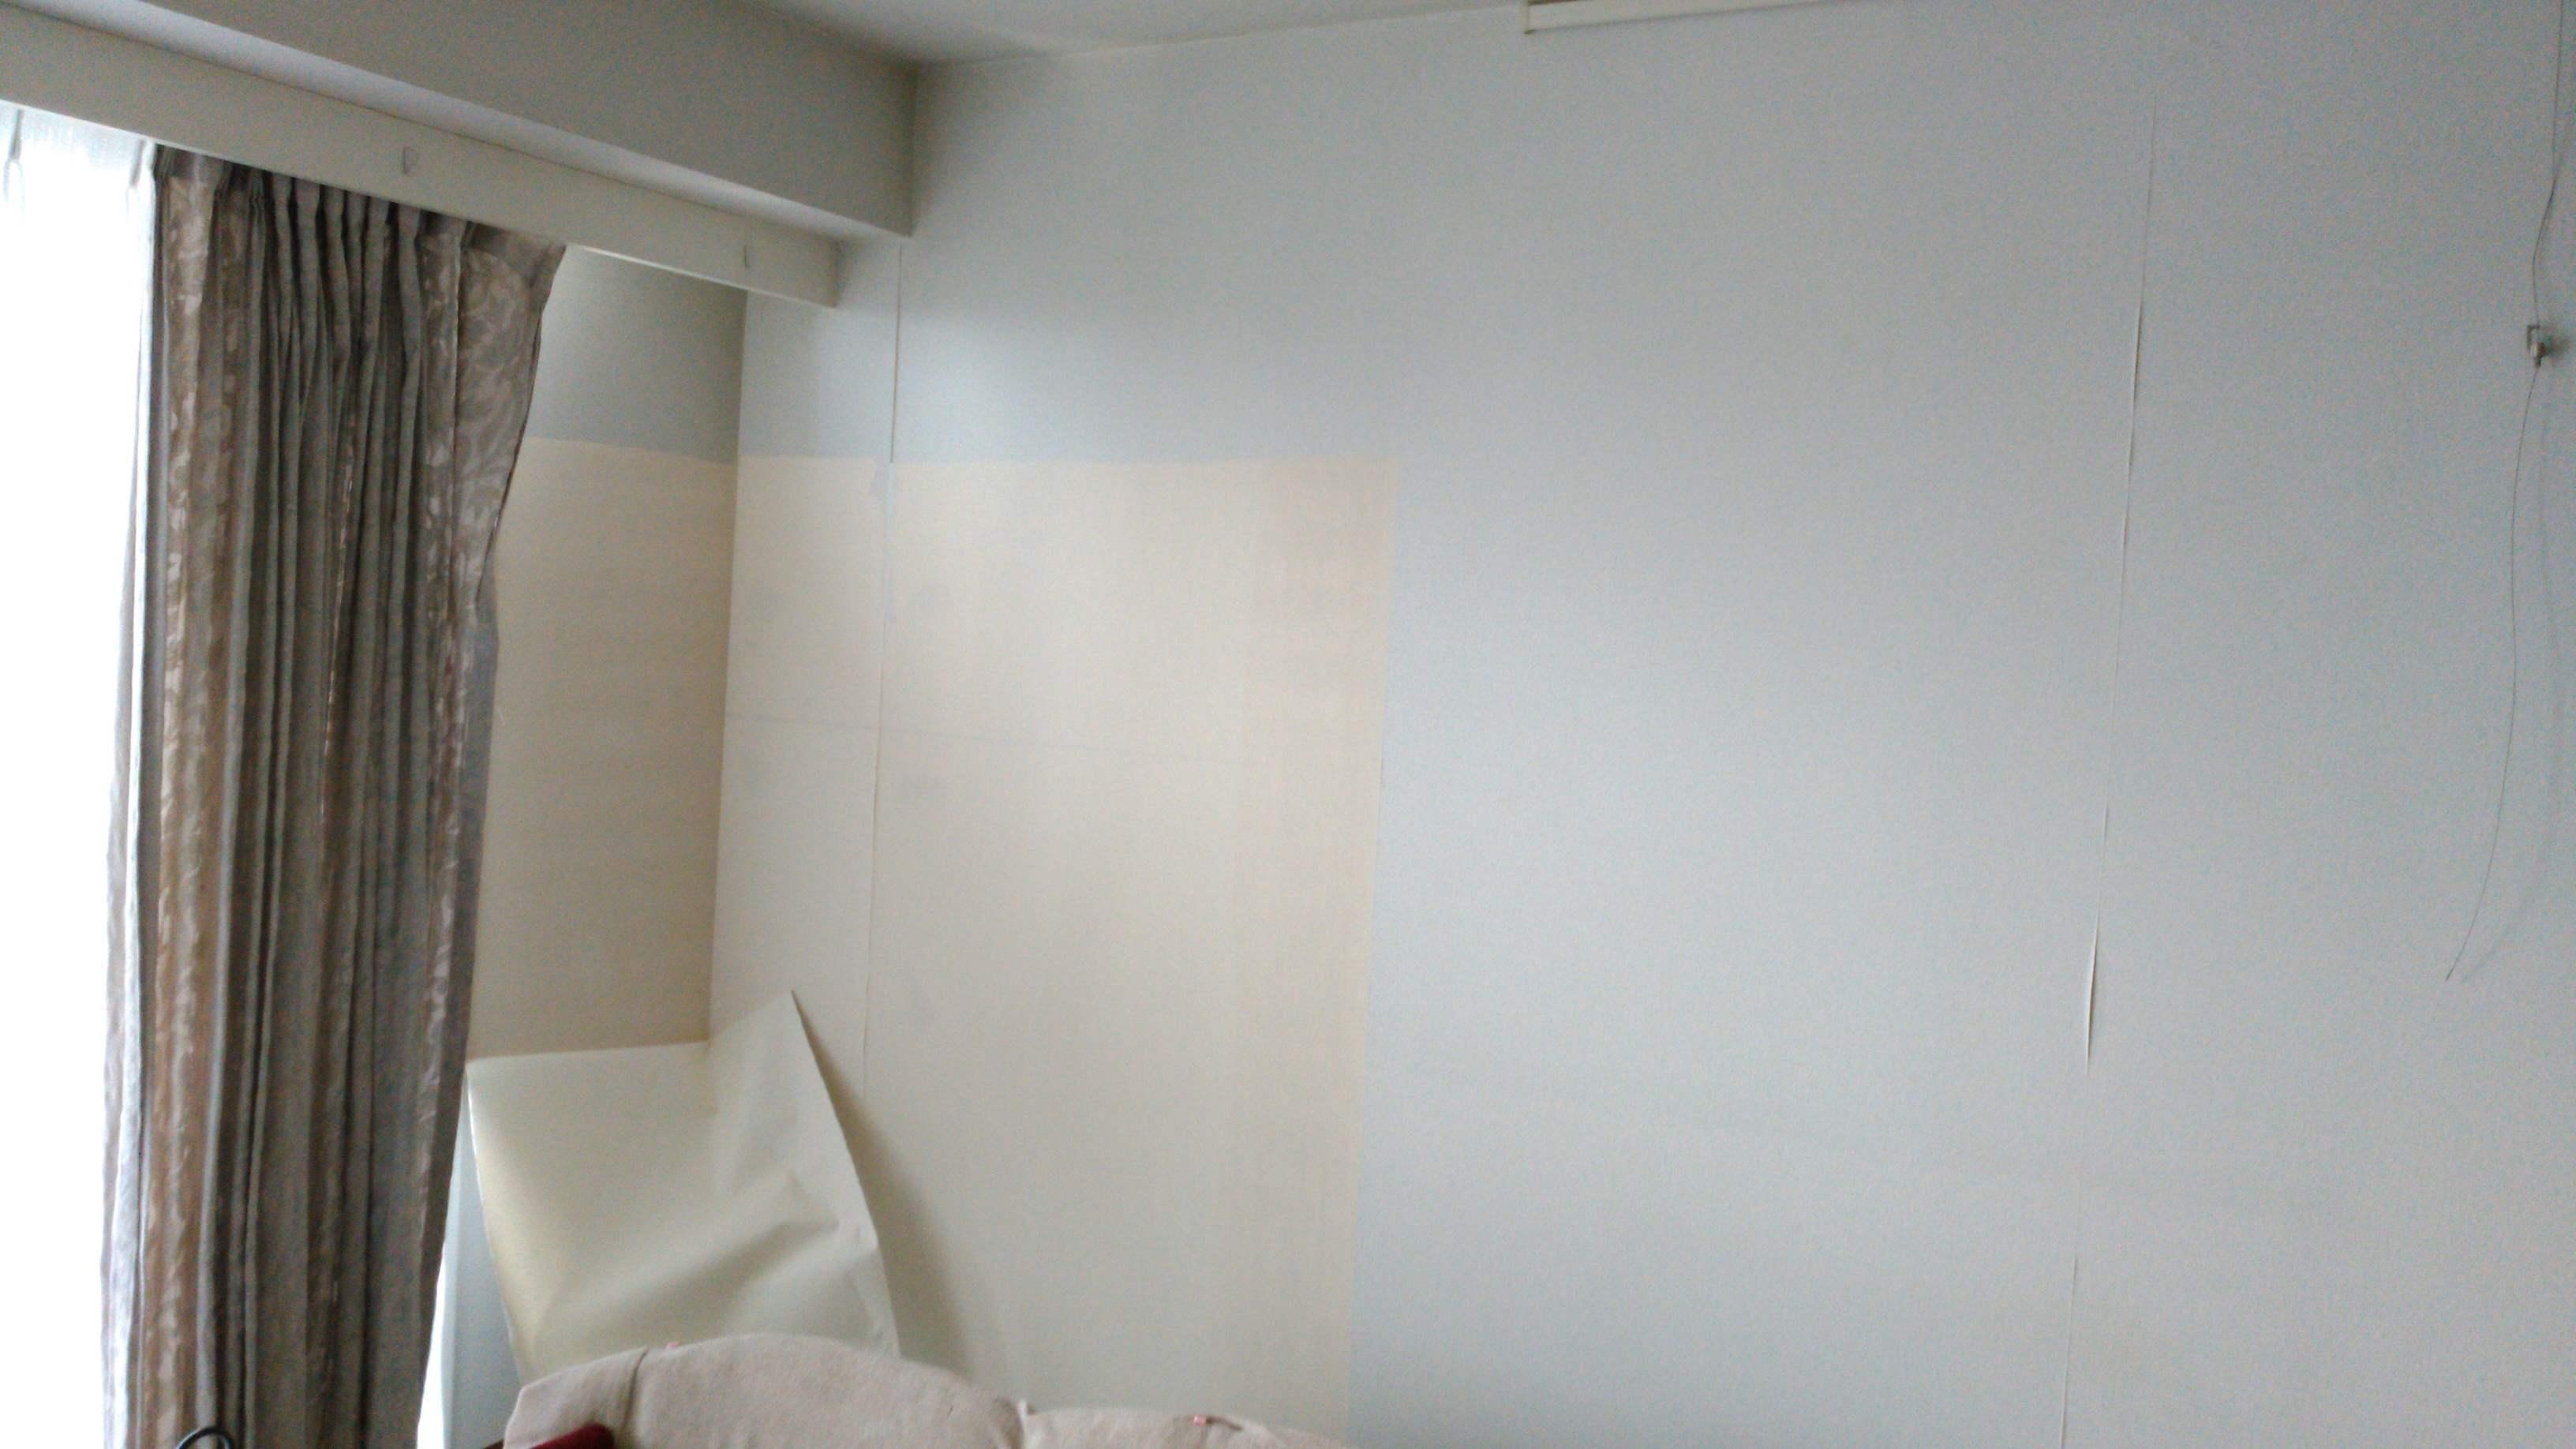 クロス張替工事 マリメッコ正規販売店のブライト_c0157866_18150918.jpg